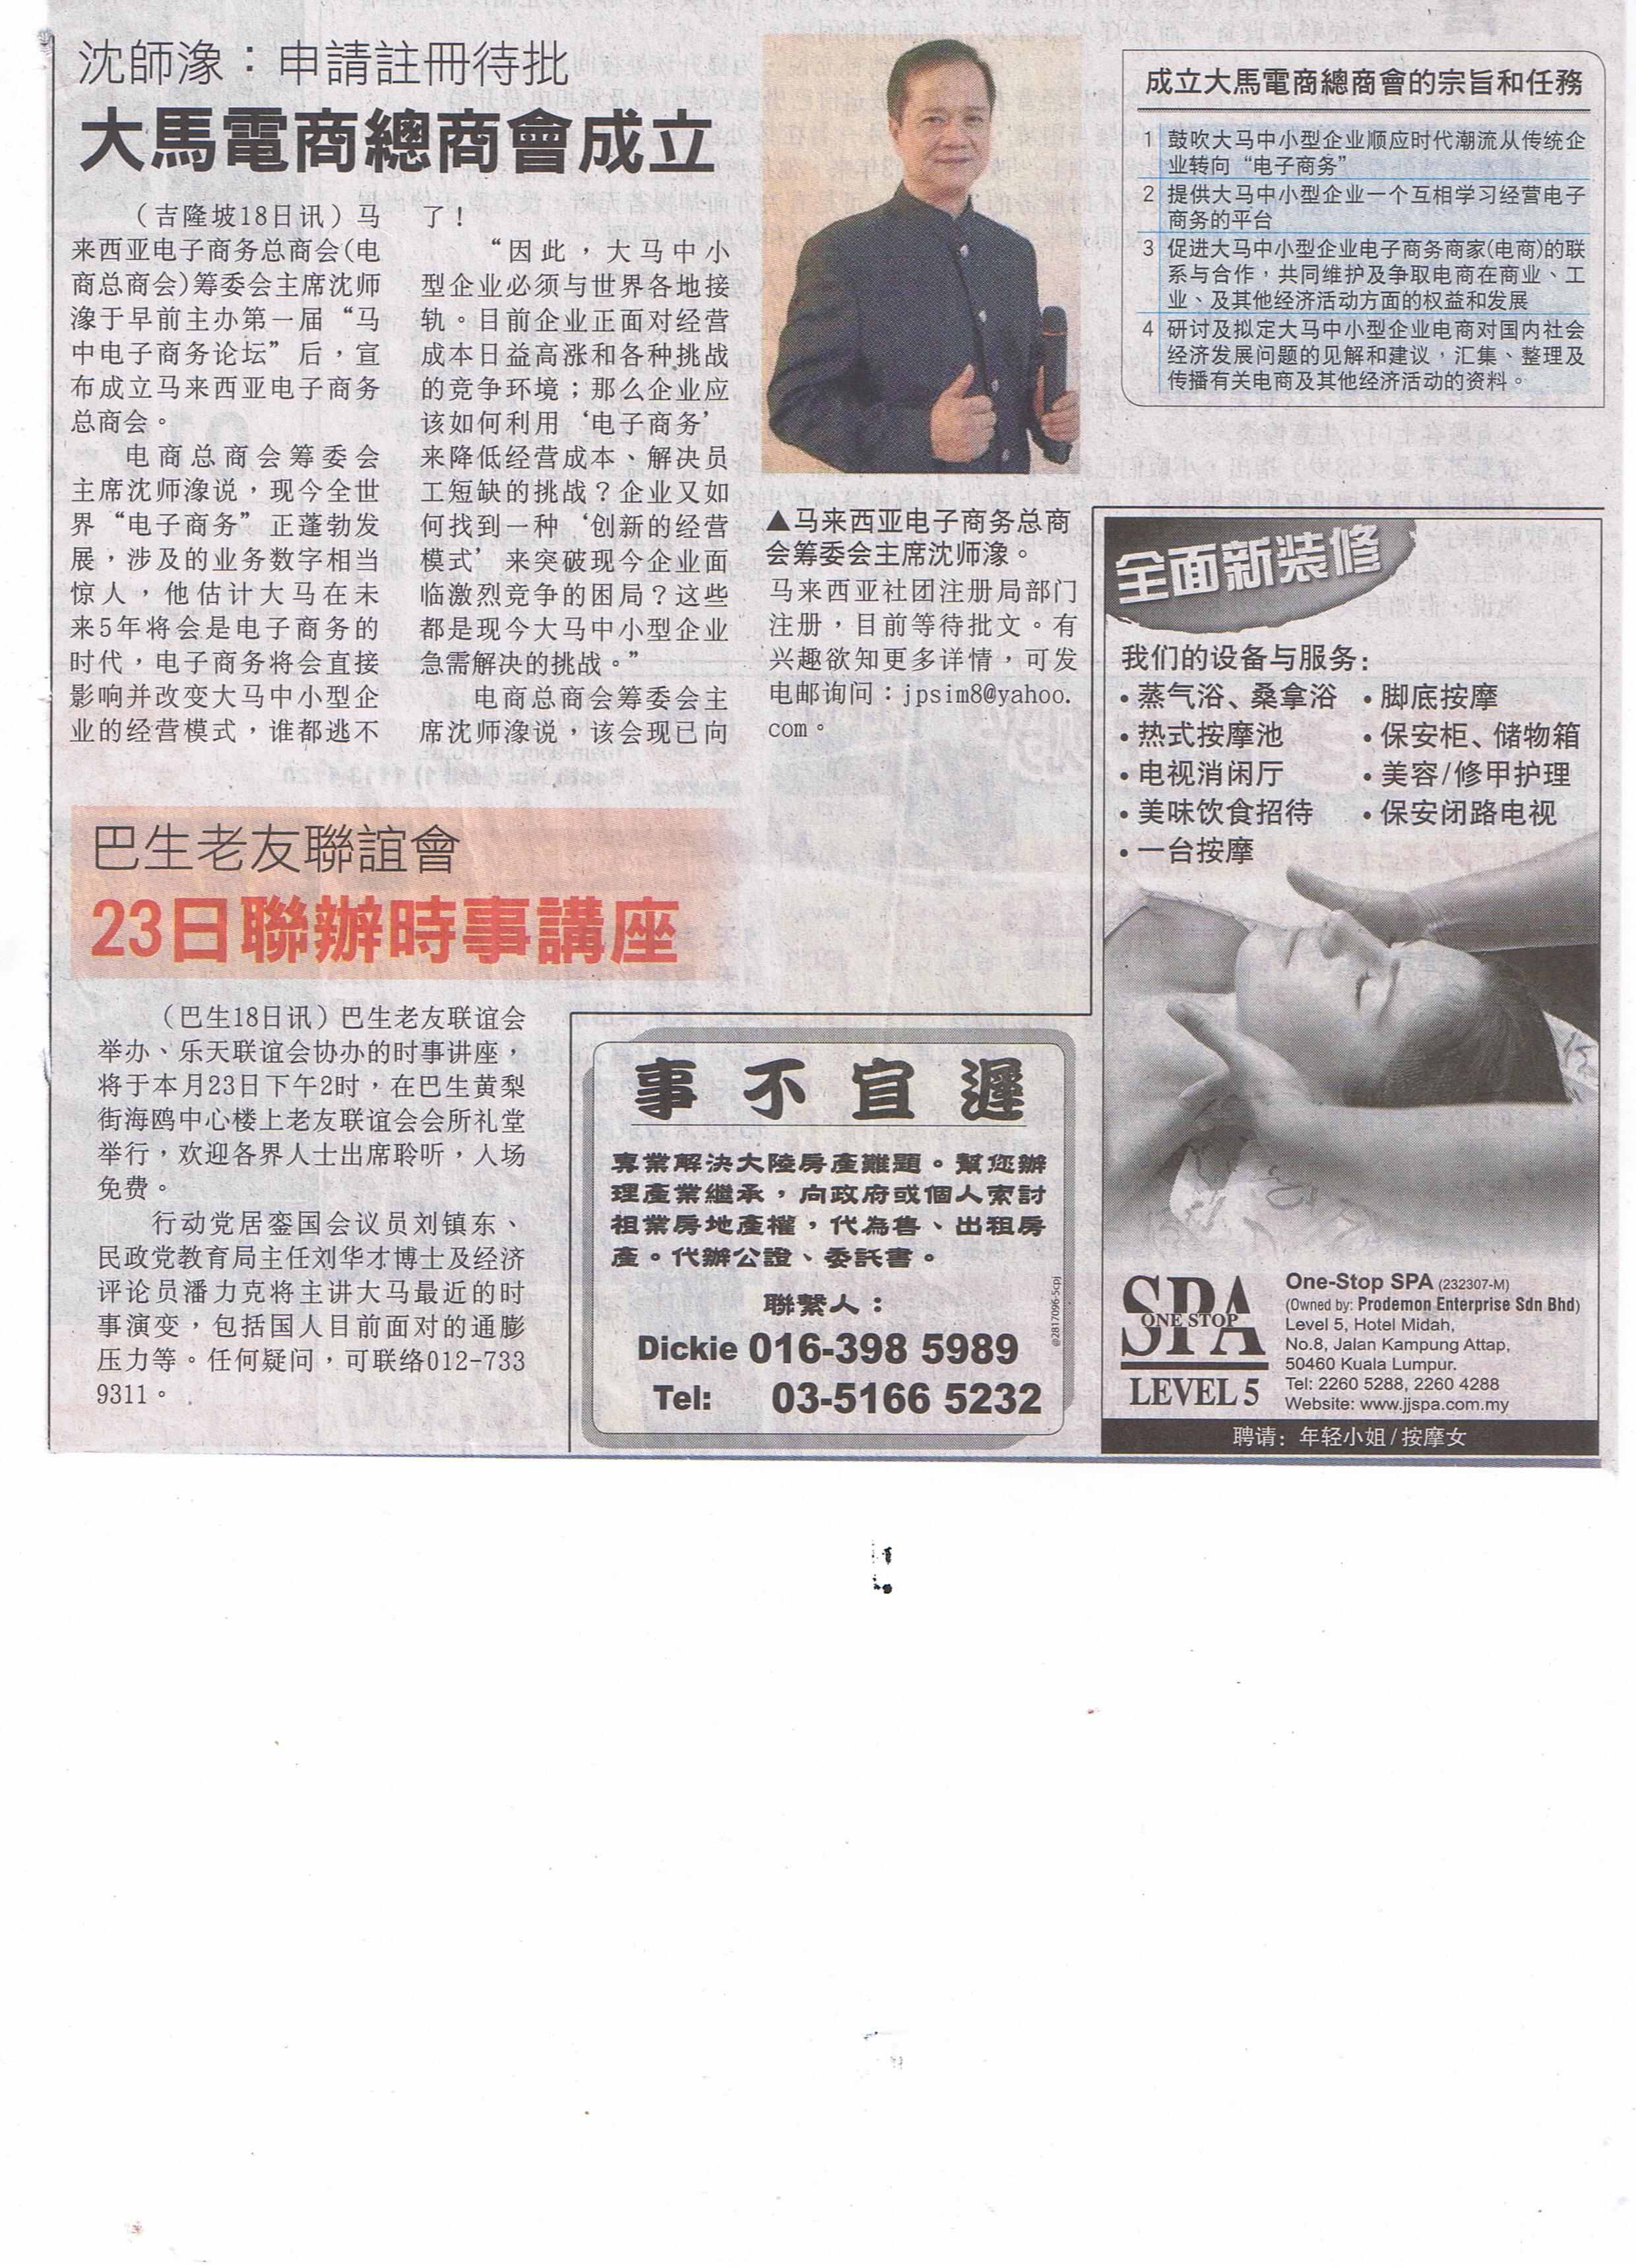 星洲日报报导马来西亚电子商务的新闻